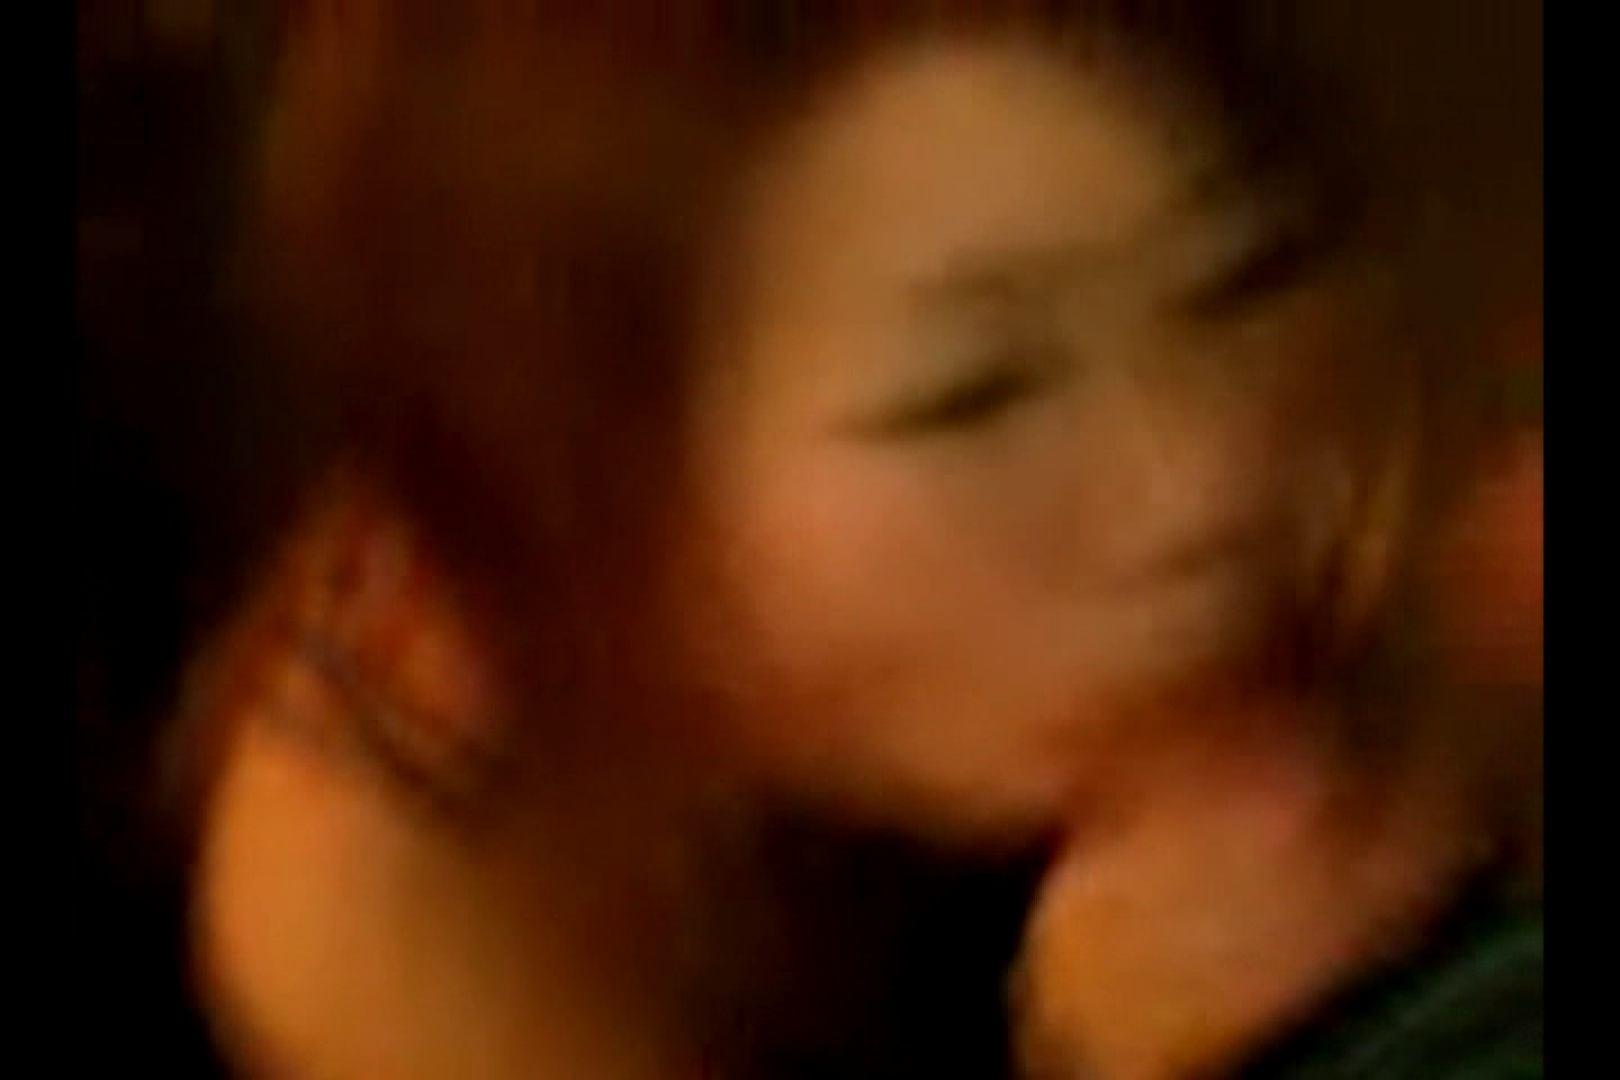 フェラ好きの変態カップルハメ撮り映像が流出 流出作品 AV無料動画キャプチャ 88pic 71